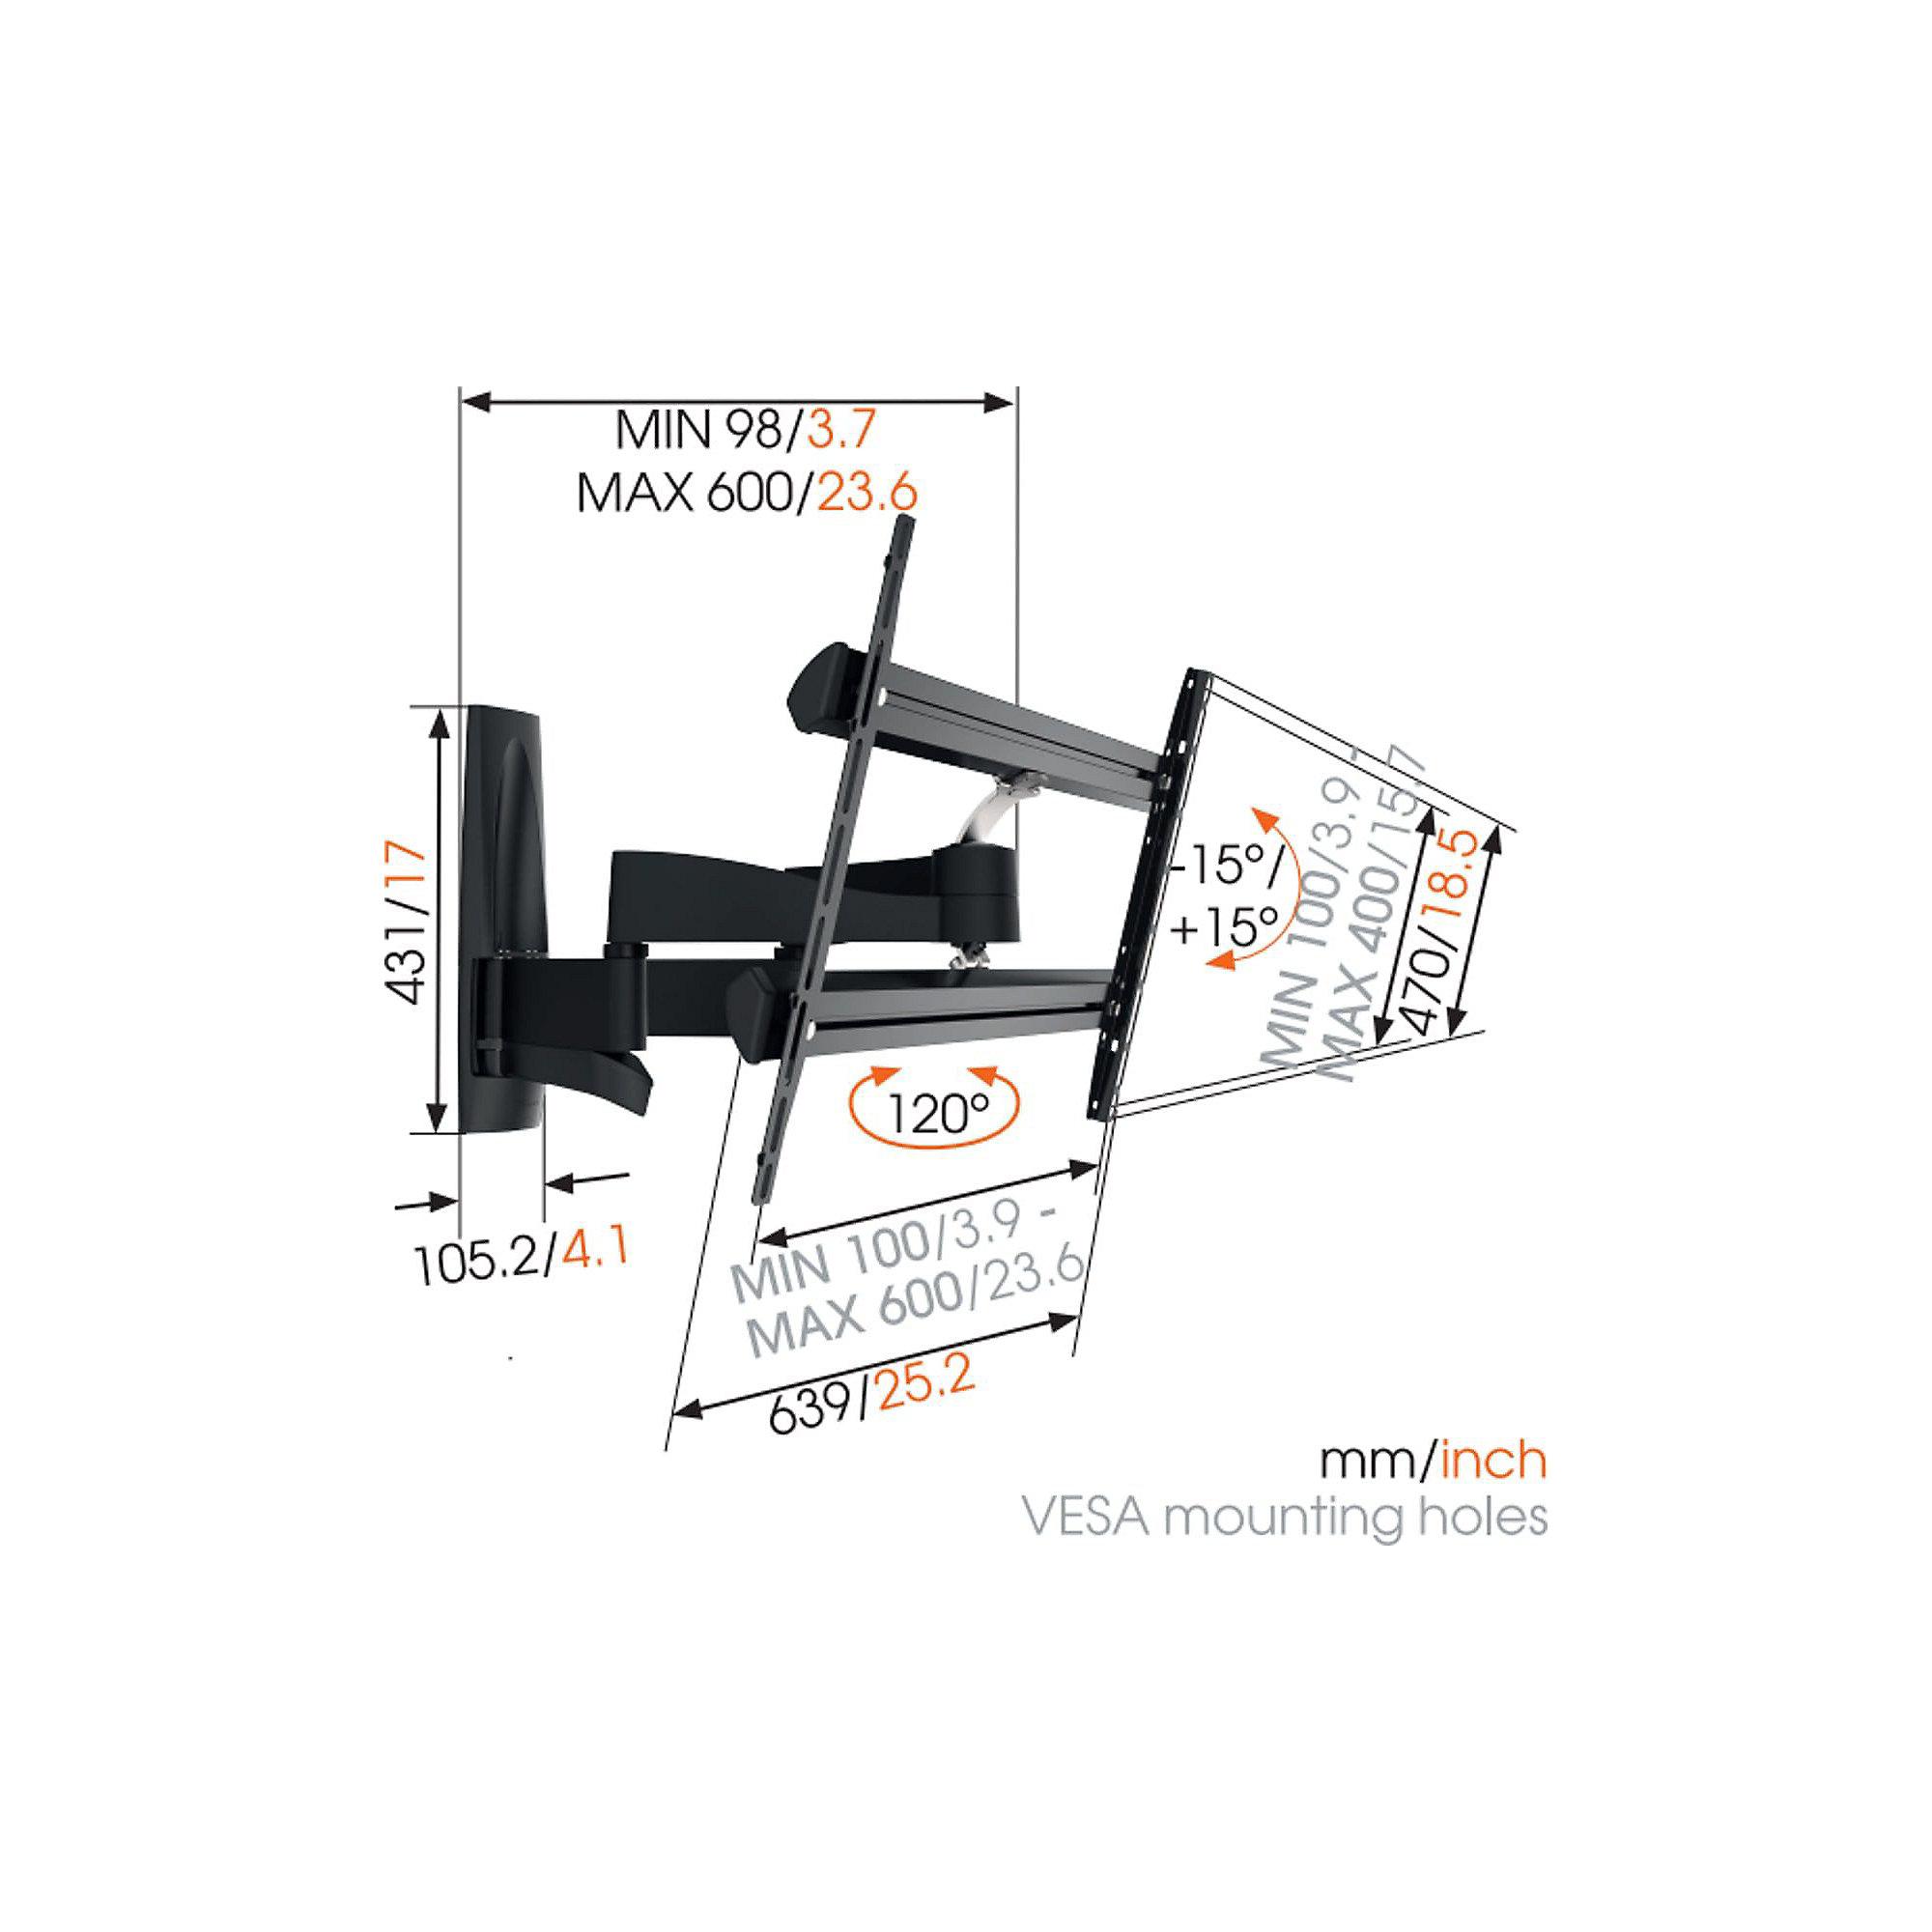 vogels wall 3350 wandhalterung vesa 200x200 bis 600x400 mm schwarz cyberport. Black Bedroom Furniture Sets. Home Design Ideas